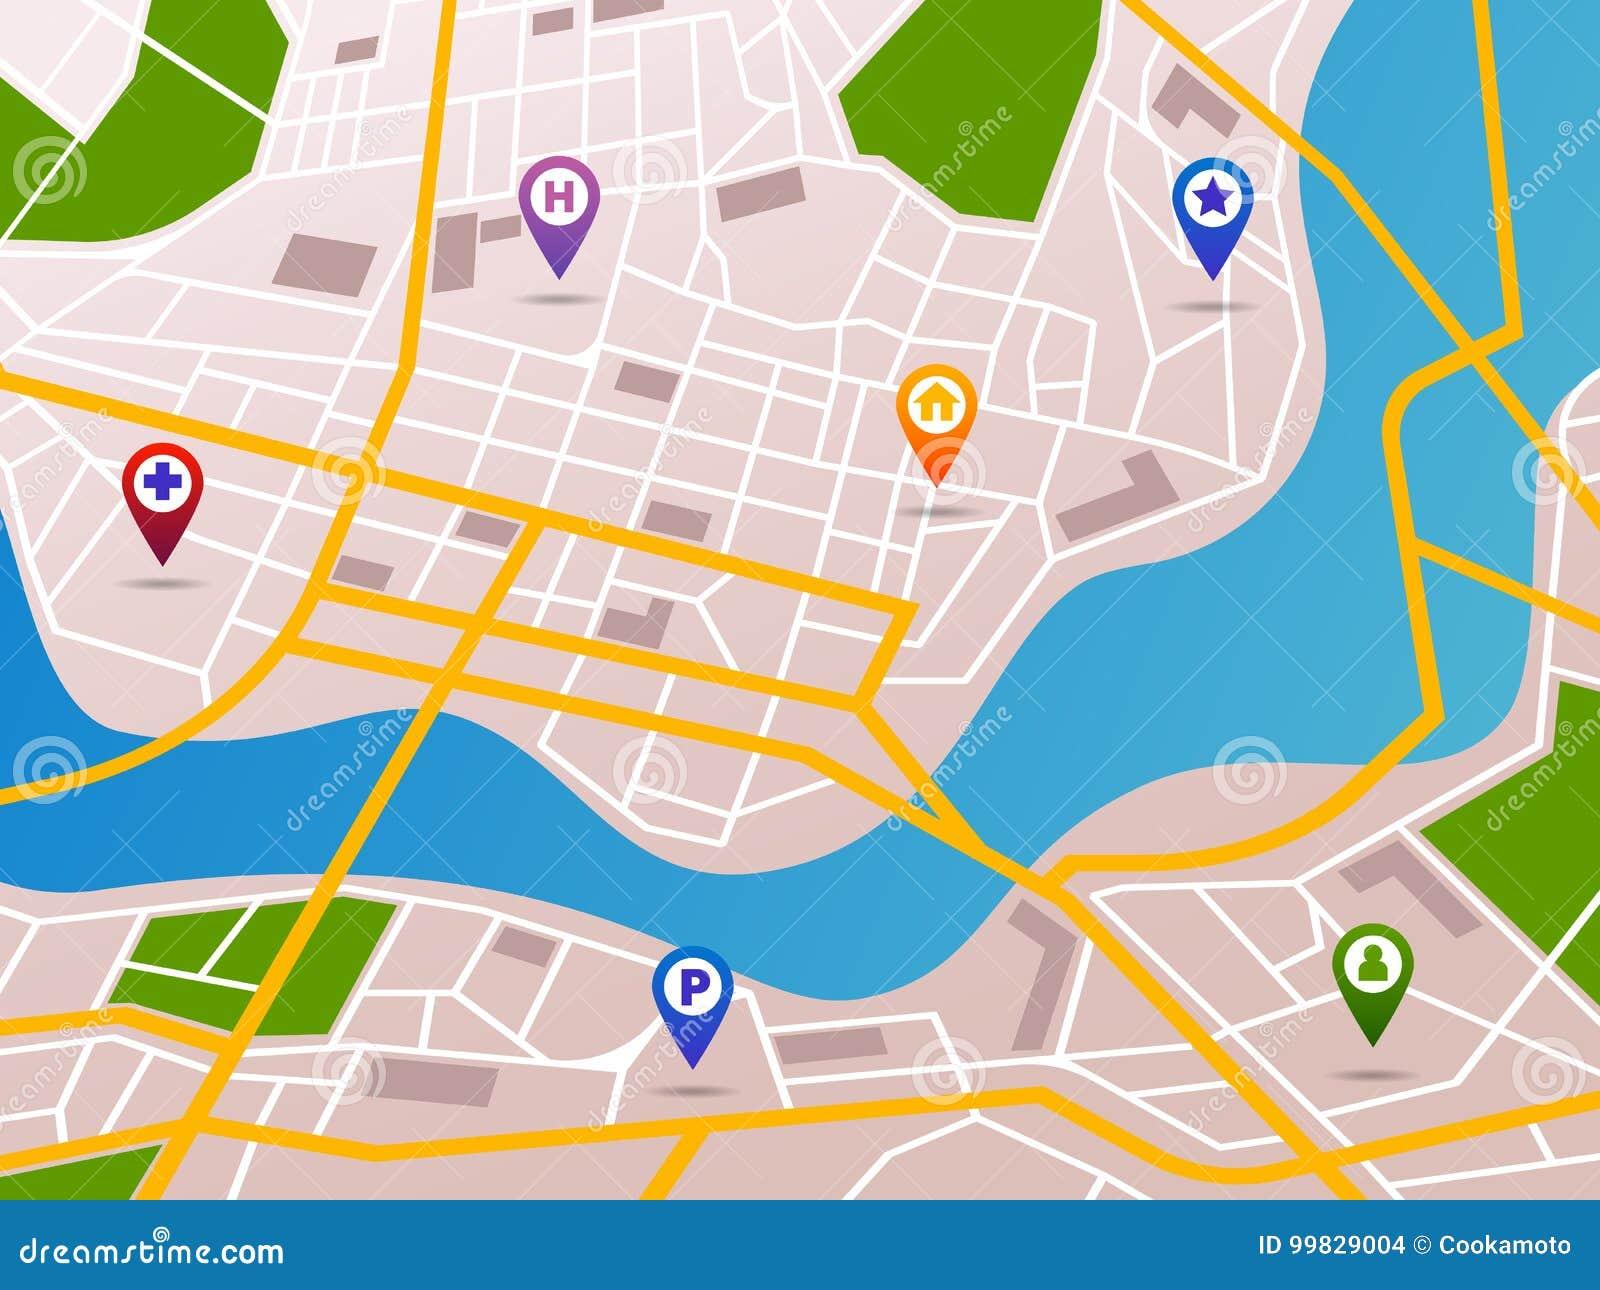 Mapa Plano Con Pin Icono De Puntero De La: Mapas De La Navegación Con Los Iconos De Los Pernos De